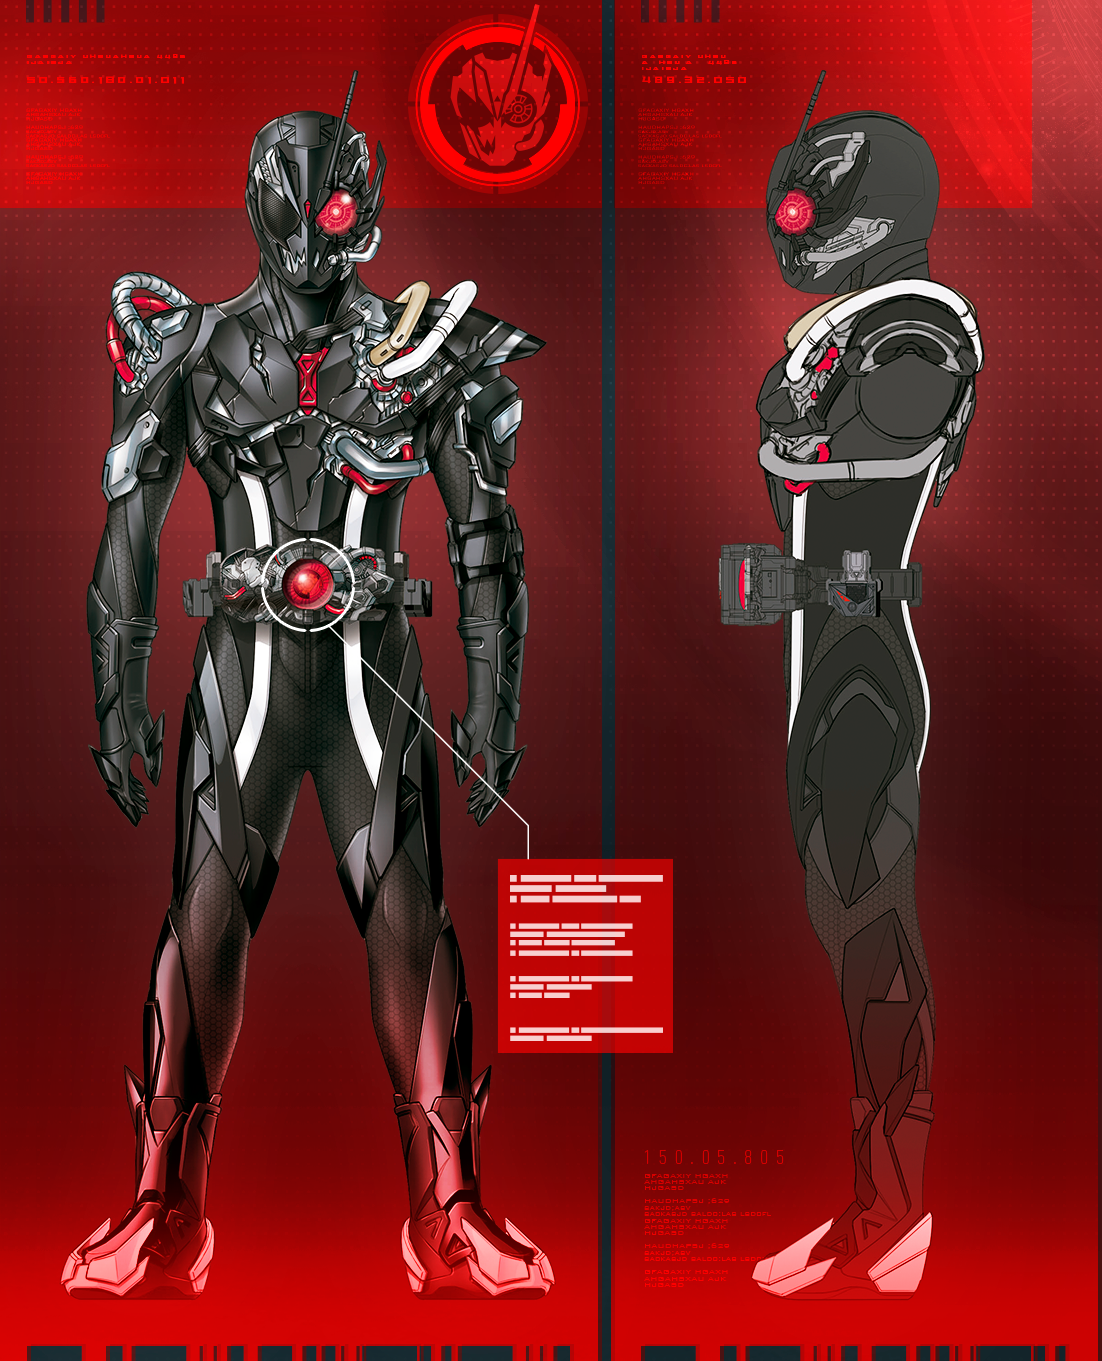 仮面ライダー公式ポータルサイト 仮面ライダーweb 東映 仮面ライダー ライダー スーパーヒーロー